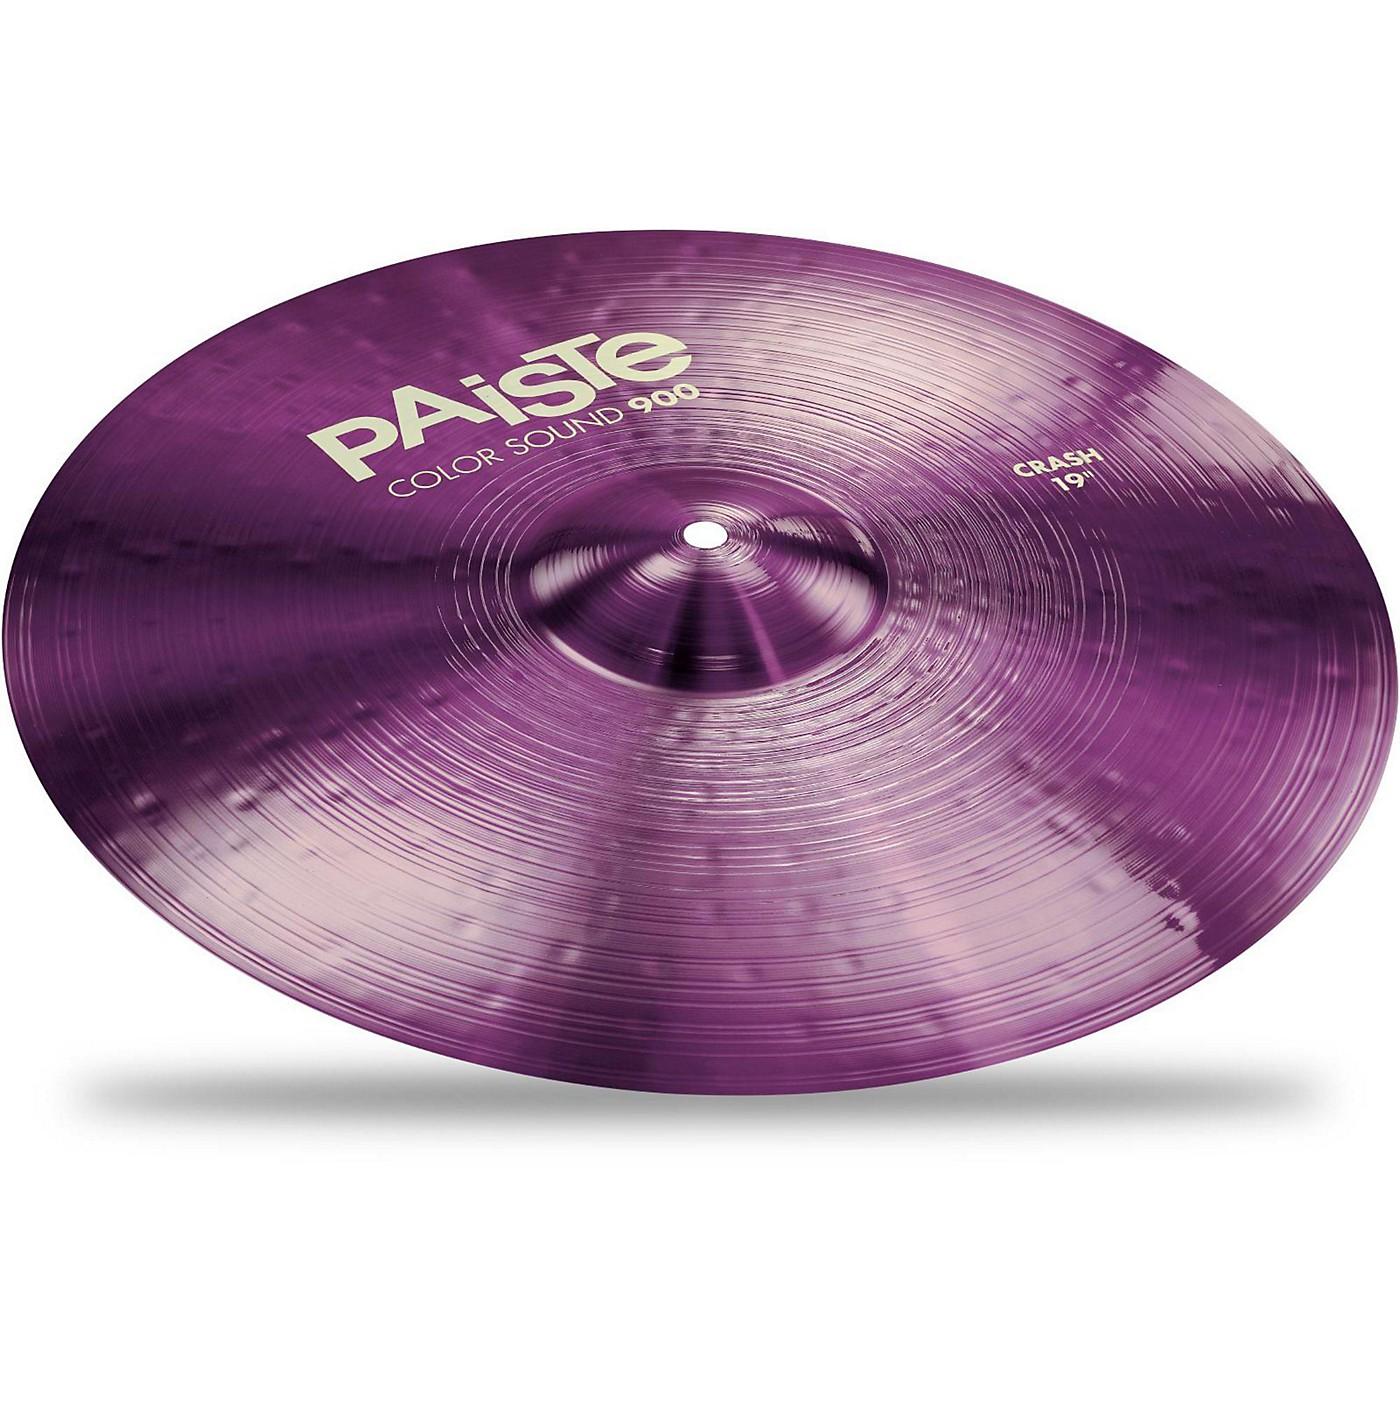 Paiste Colorsound 900 Crash Cymbal Purple thumbnail